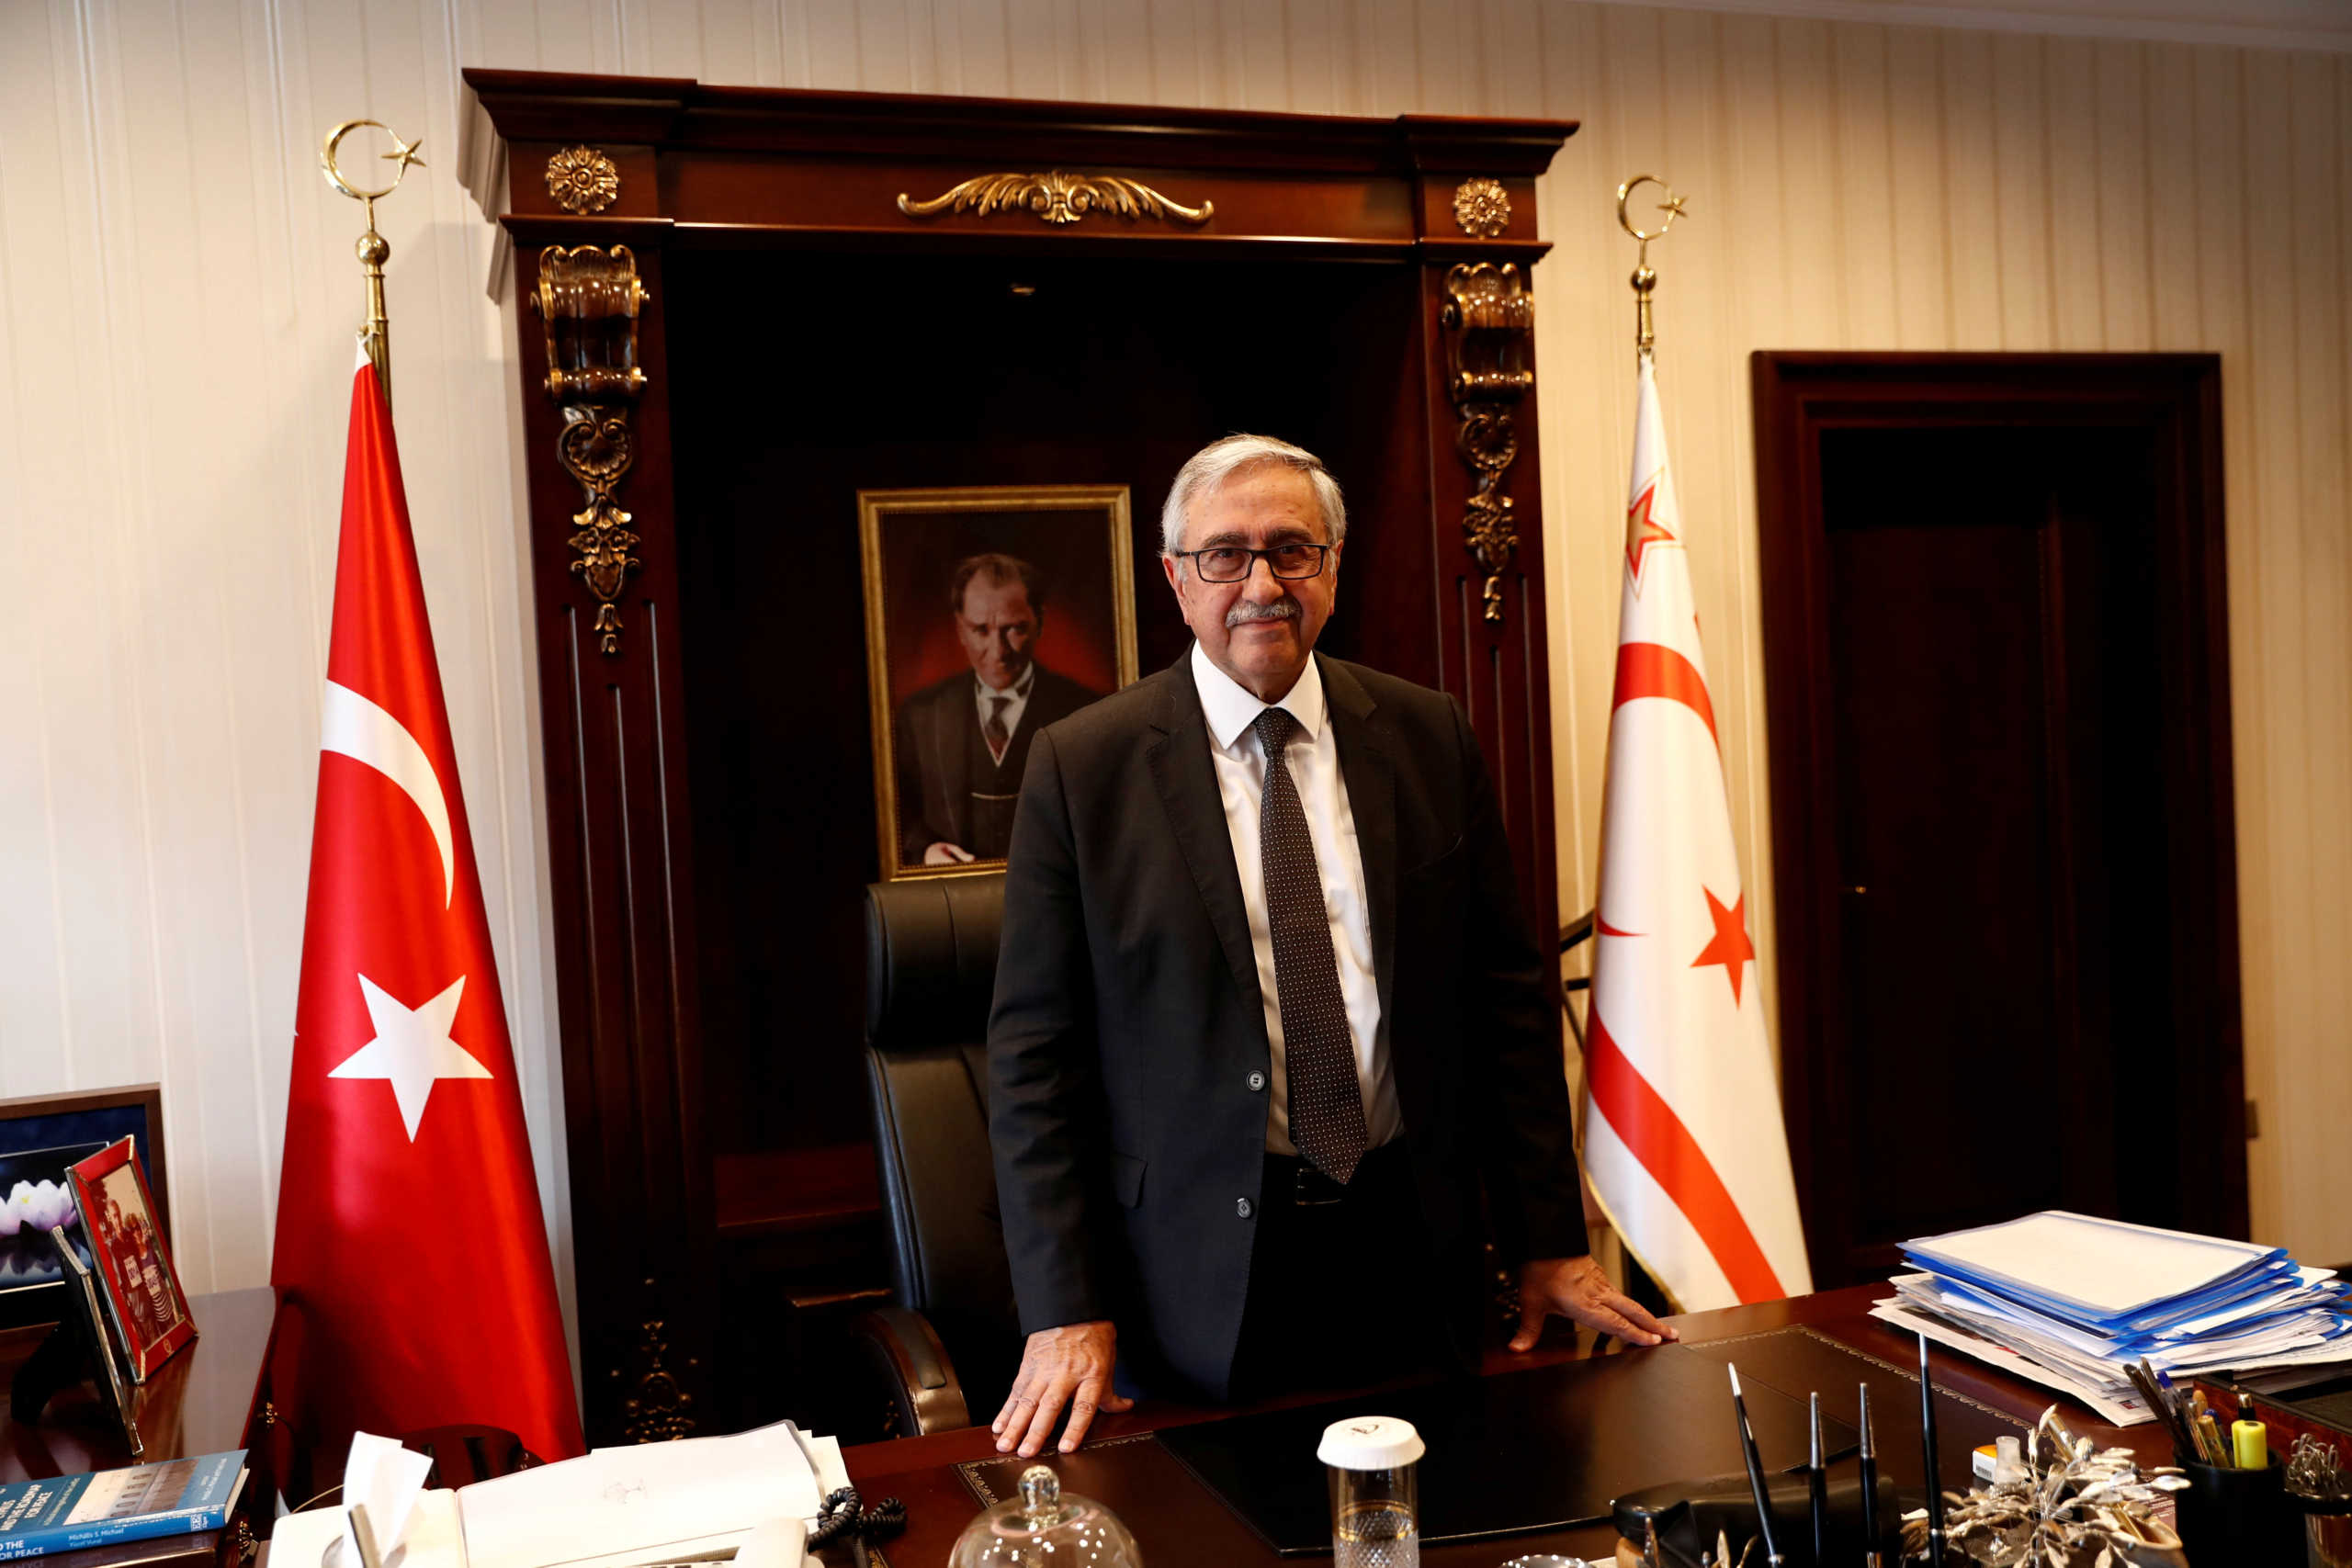 Κύπρος: Ερσίν Τατάρ και Μουσταφά Ακιντζί στον δεύτερο γύρο των «εκλογών» στα κατεχόμενα